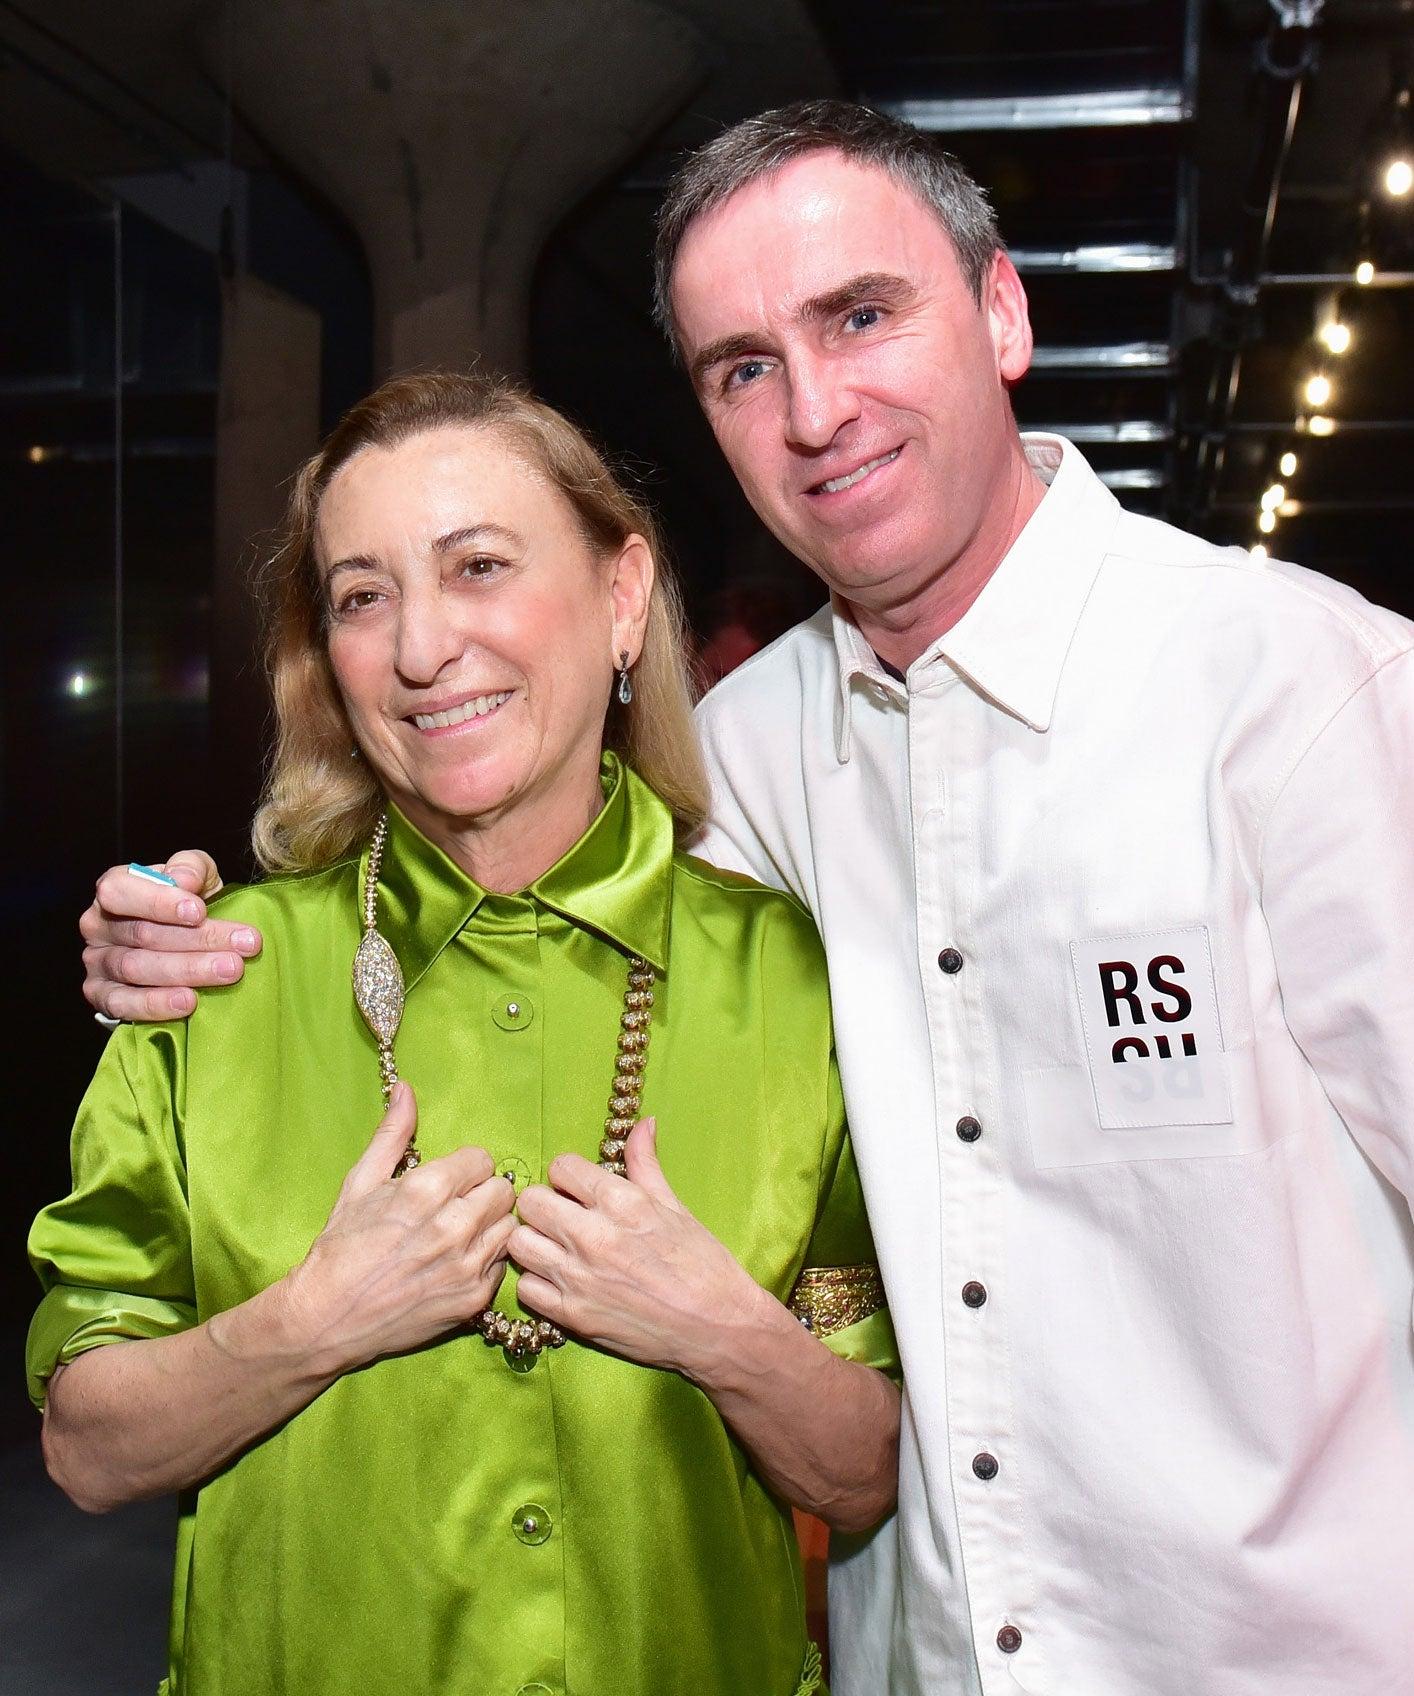 Raf Simons Joins Miuccia Prada As Co-Creative Director